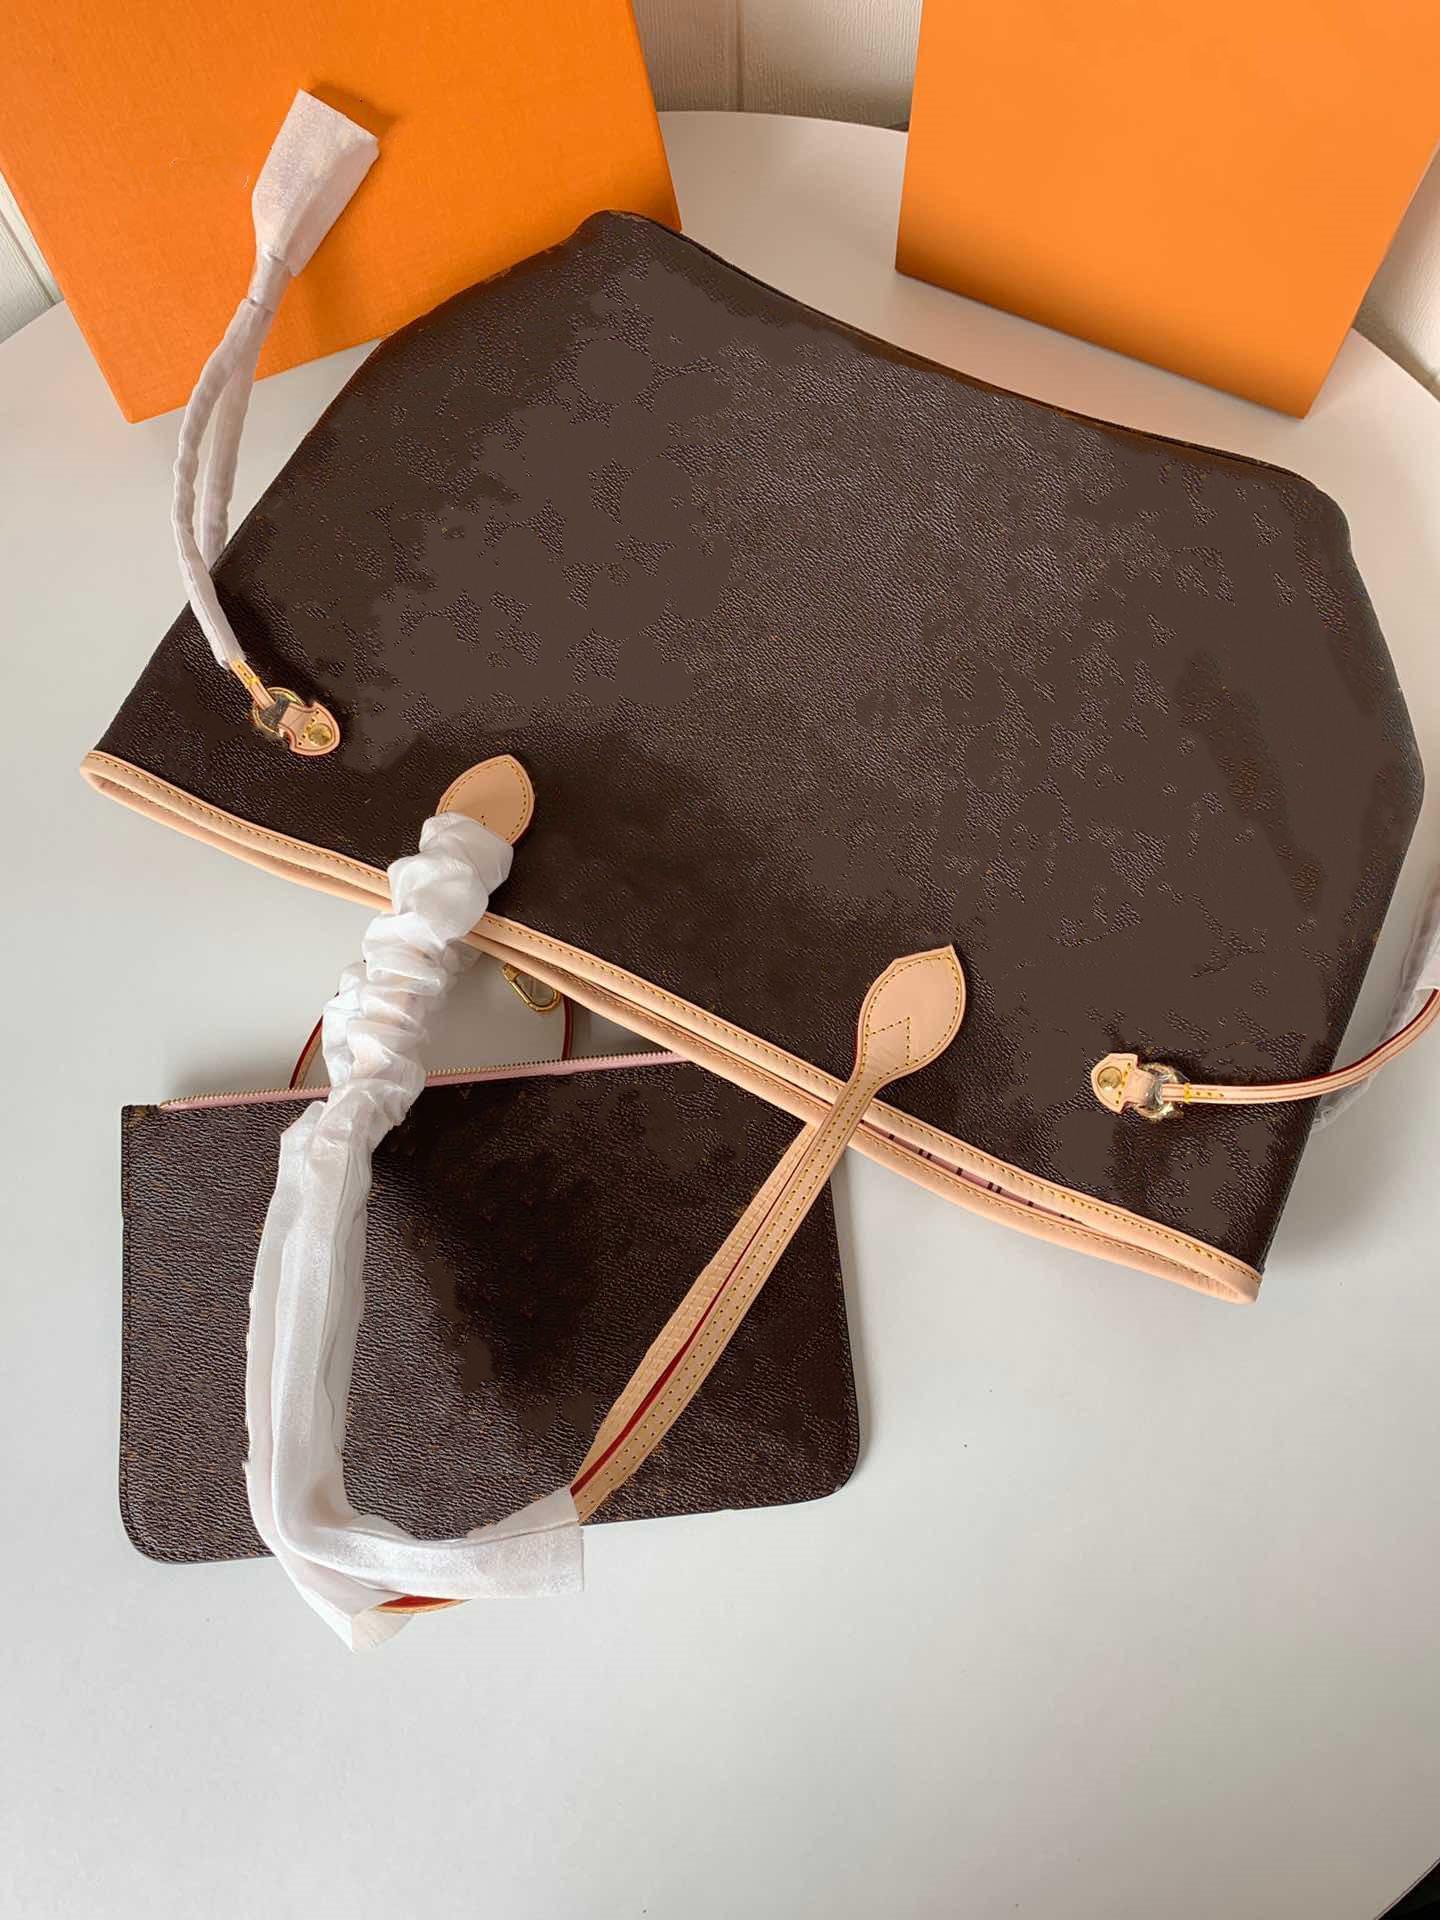 2020 새로운 여성 가죽 핸드백 여성 어머니 패키지 가방 손 어깨 가방 여성 가방 + 작은 가방